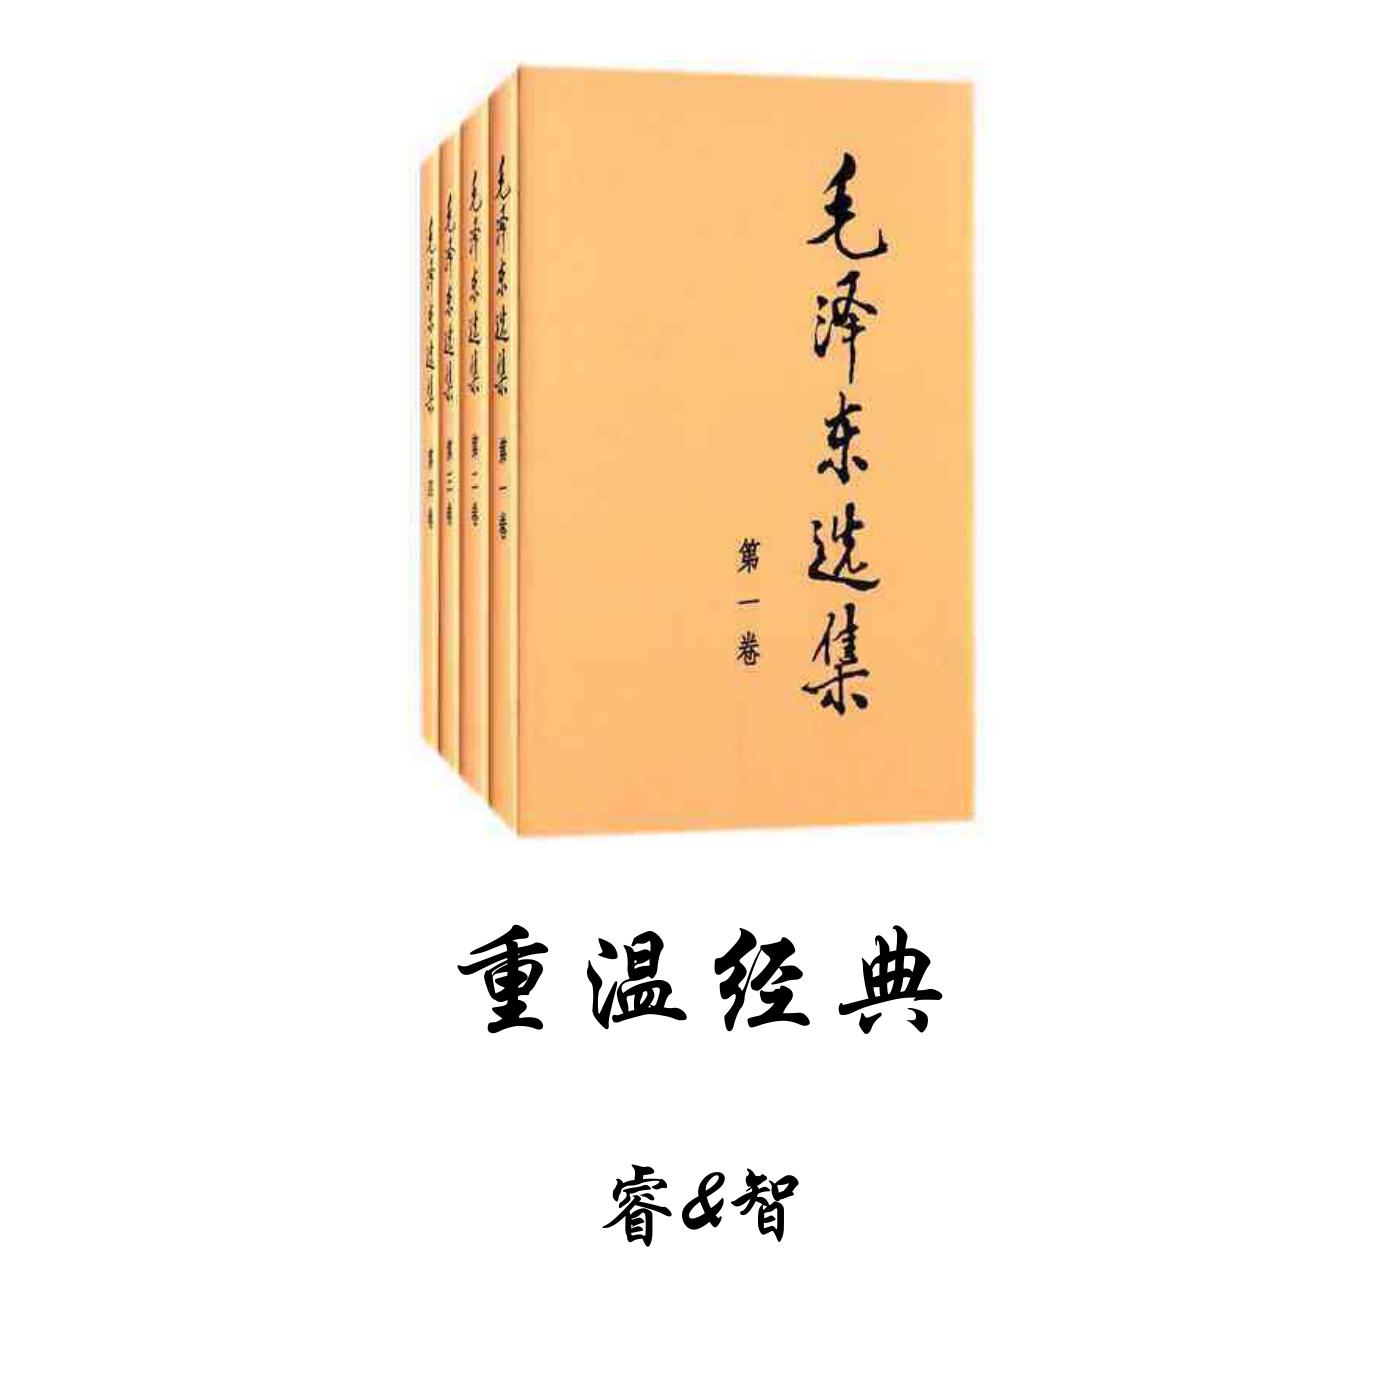 毛泽东选自朗读(睿与智)